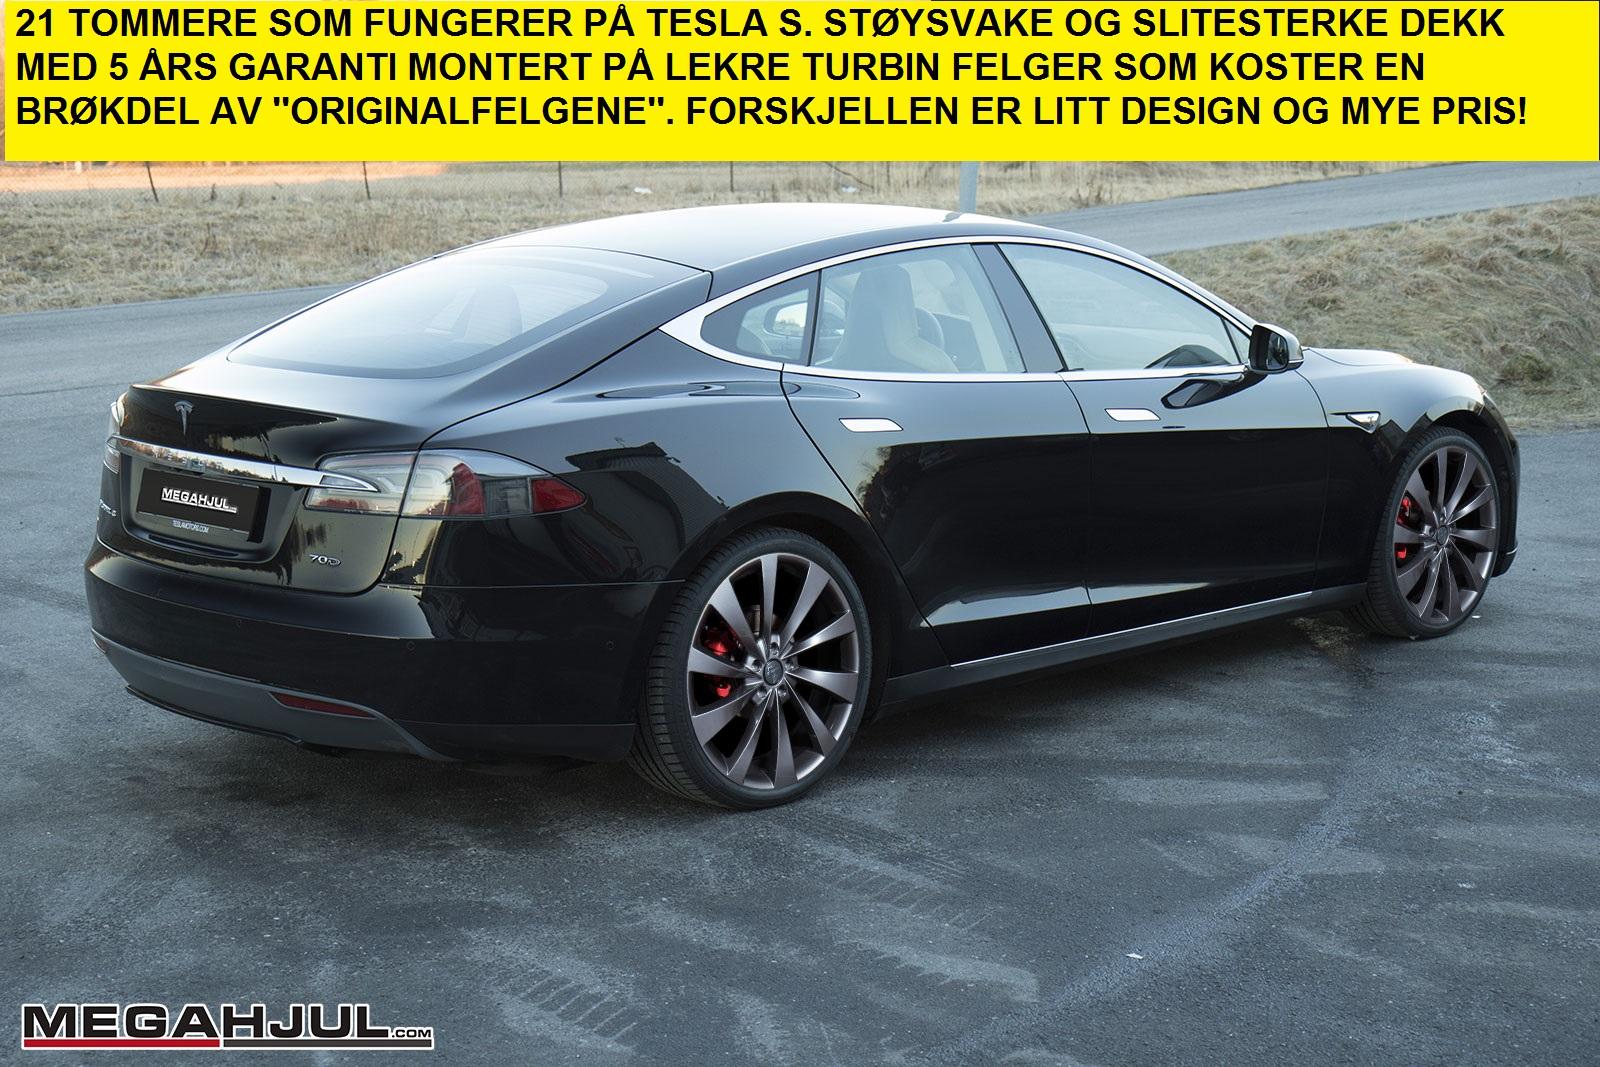 Tesla-s-ph-turbin2-gunmetal-felger-sommerdekk-tilbud